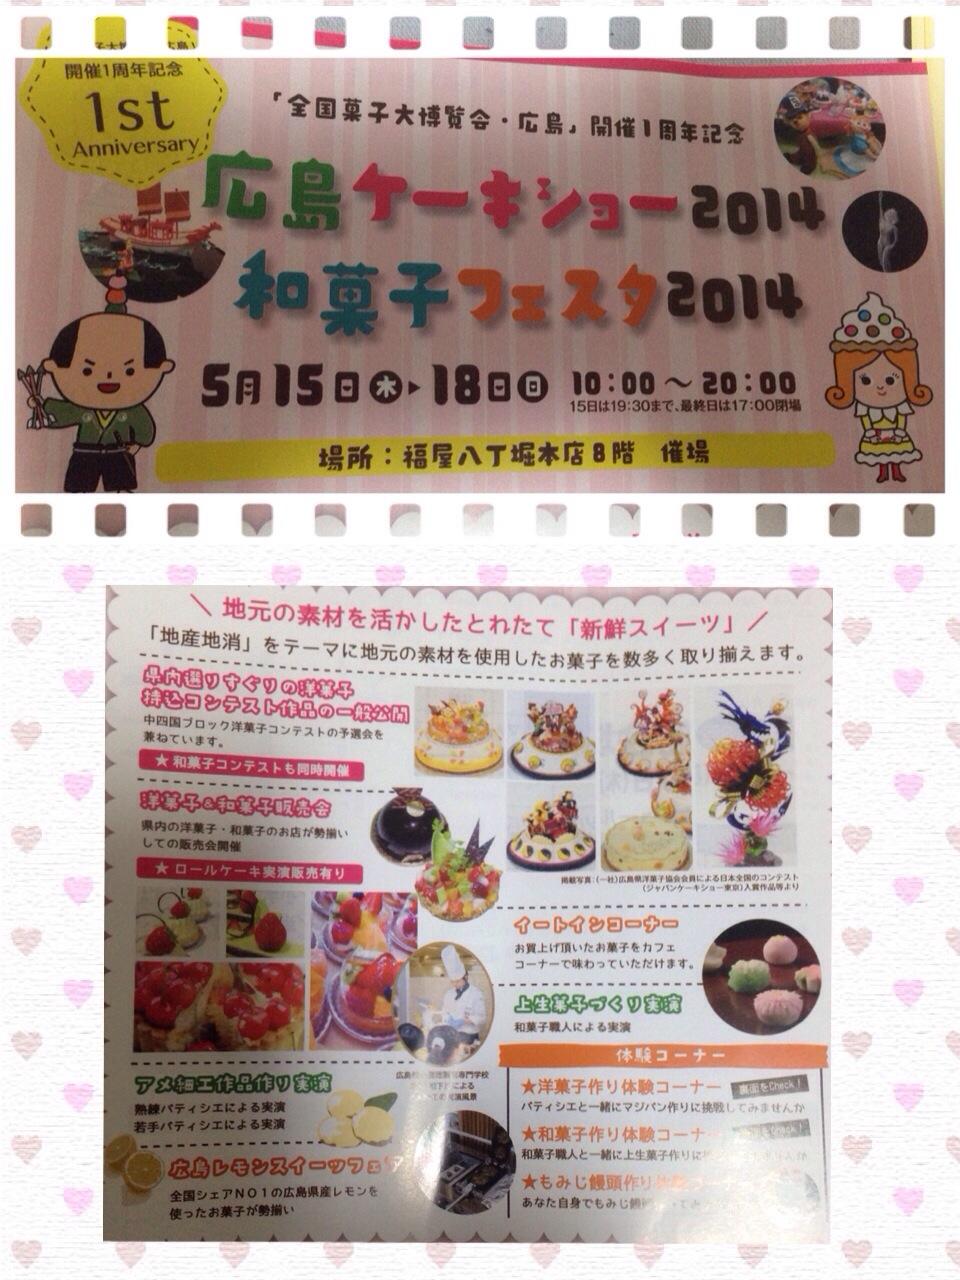 Aiの日記(^^) 『広島ケーキショー』